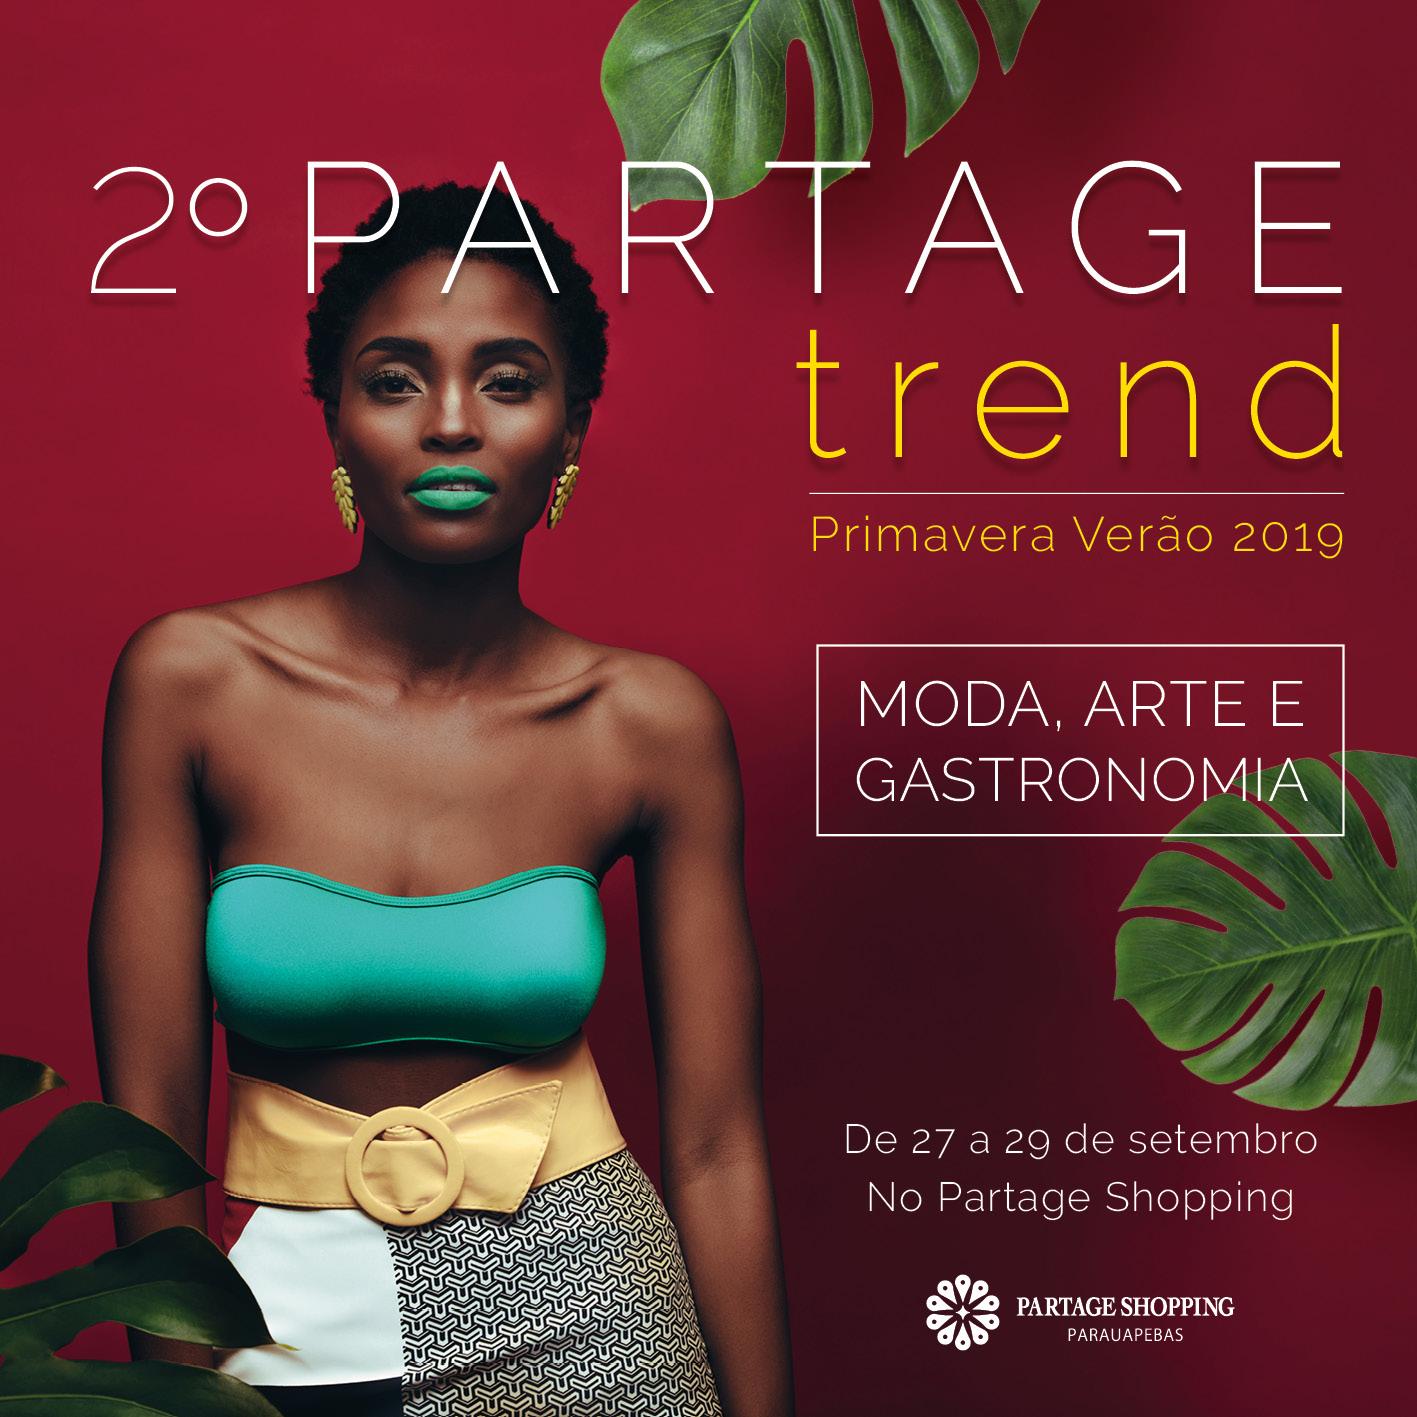 Partage Shopping Parauapebas realiza segunda edição da semana de moda, arte e gastronomia